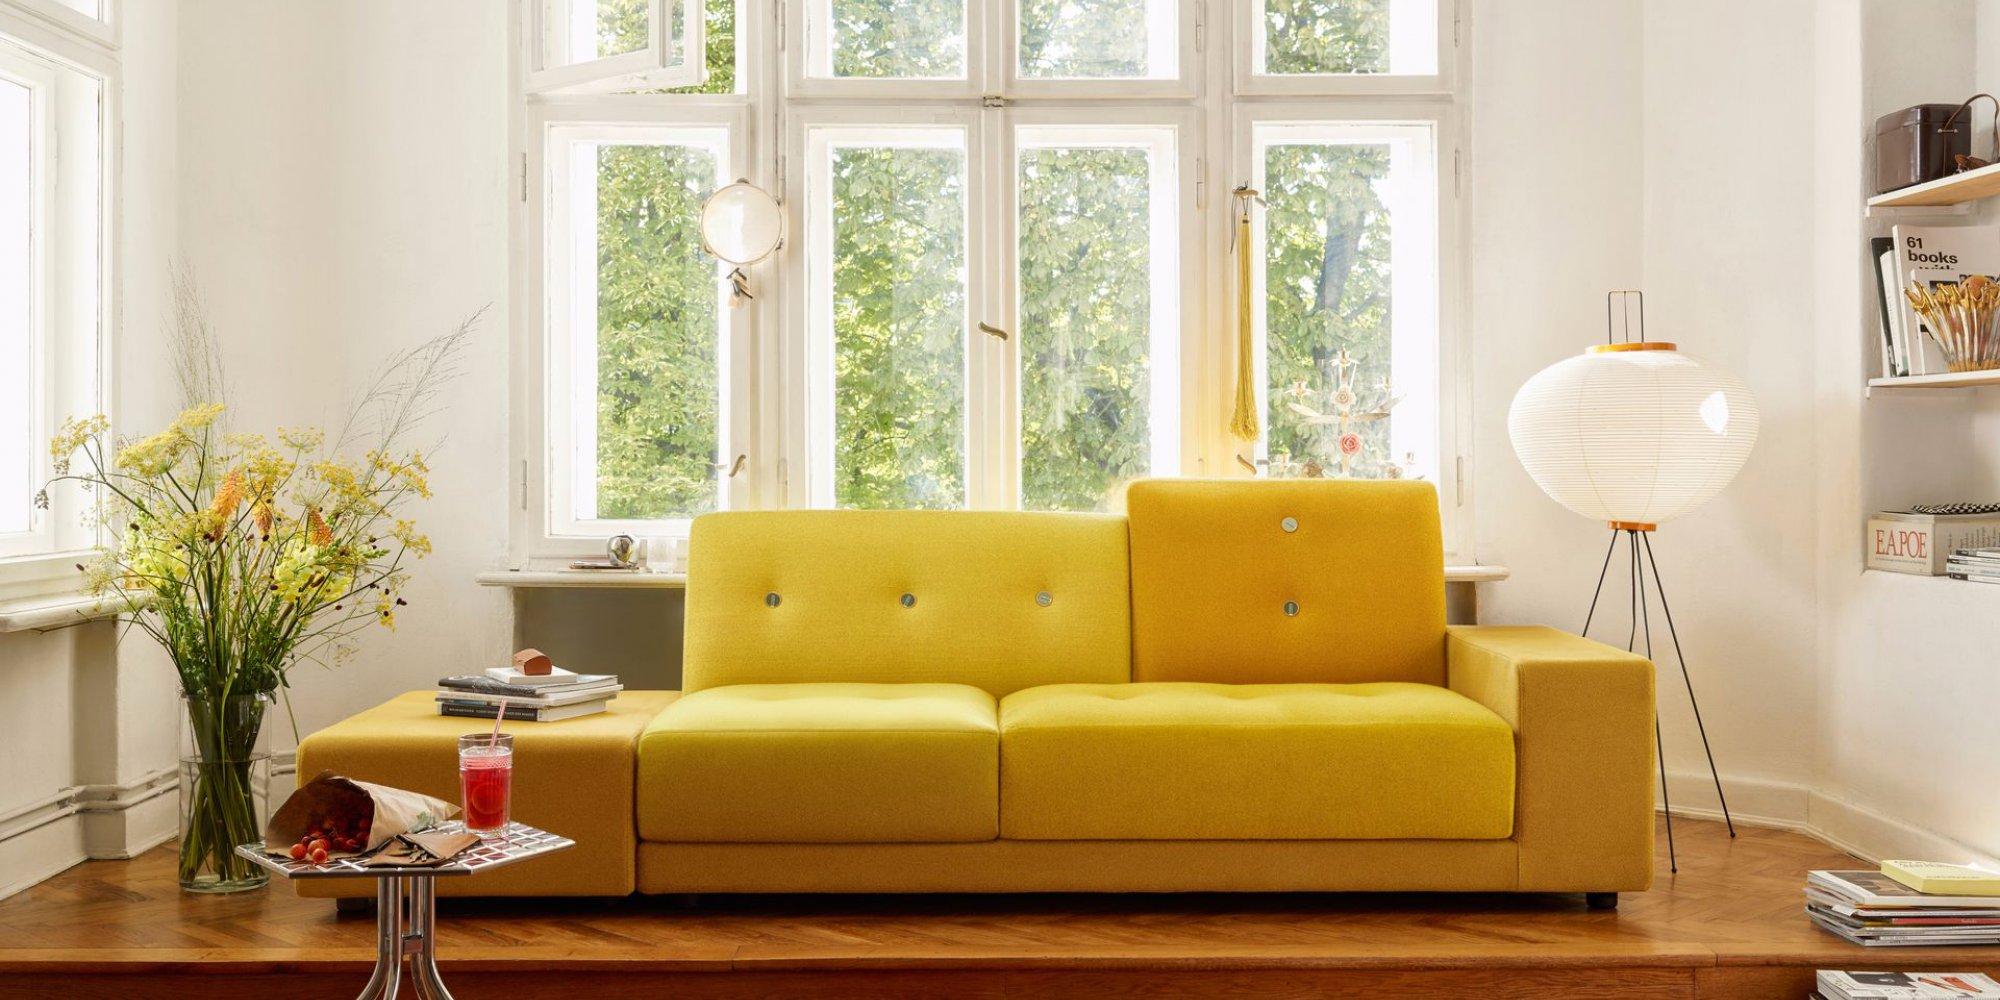 vitra-polder-sofa